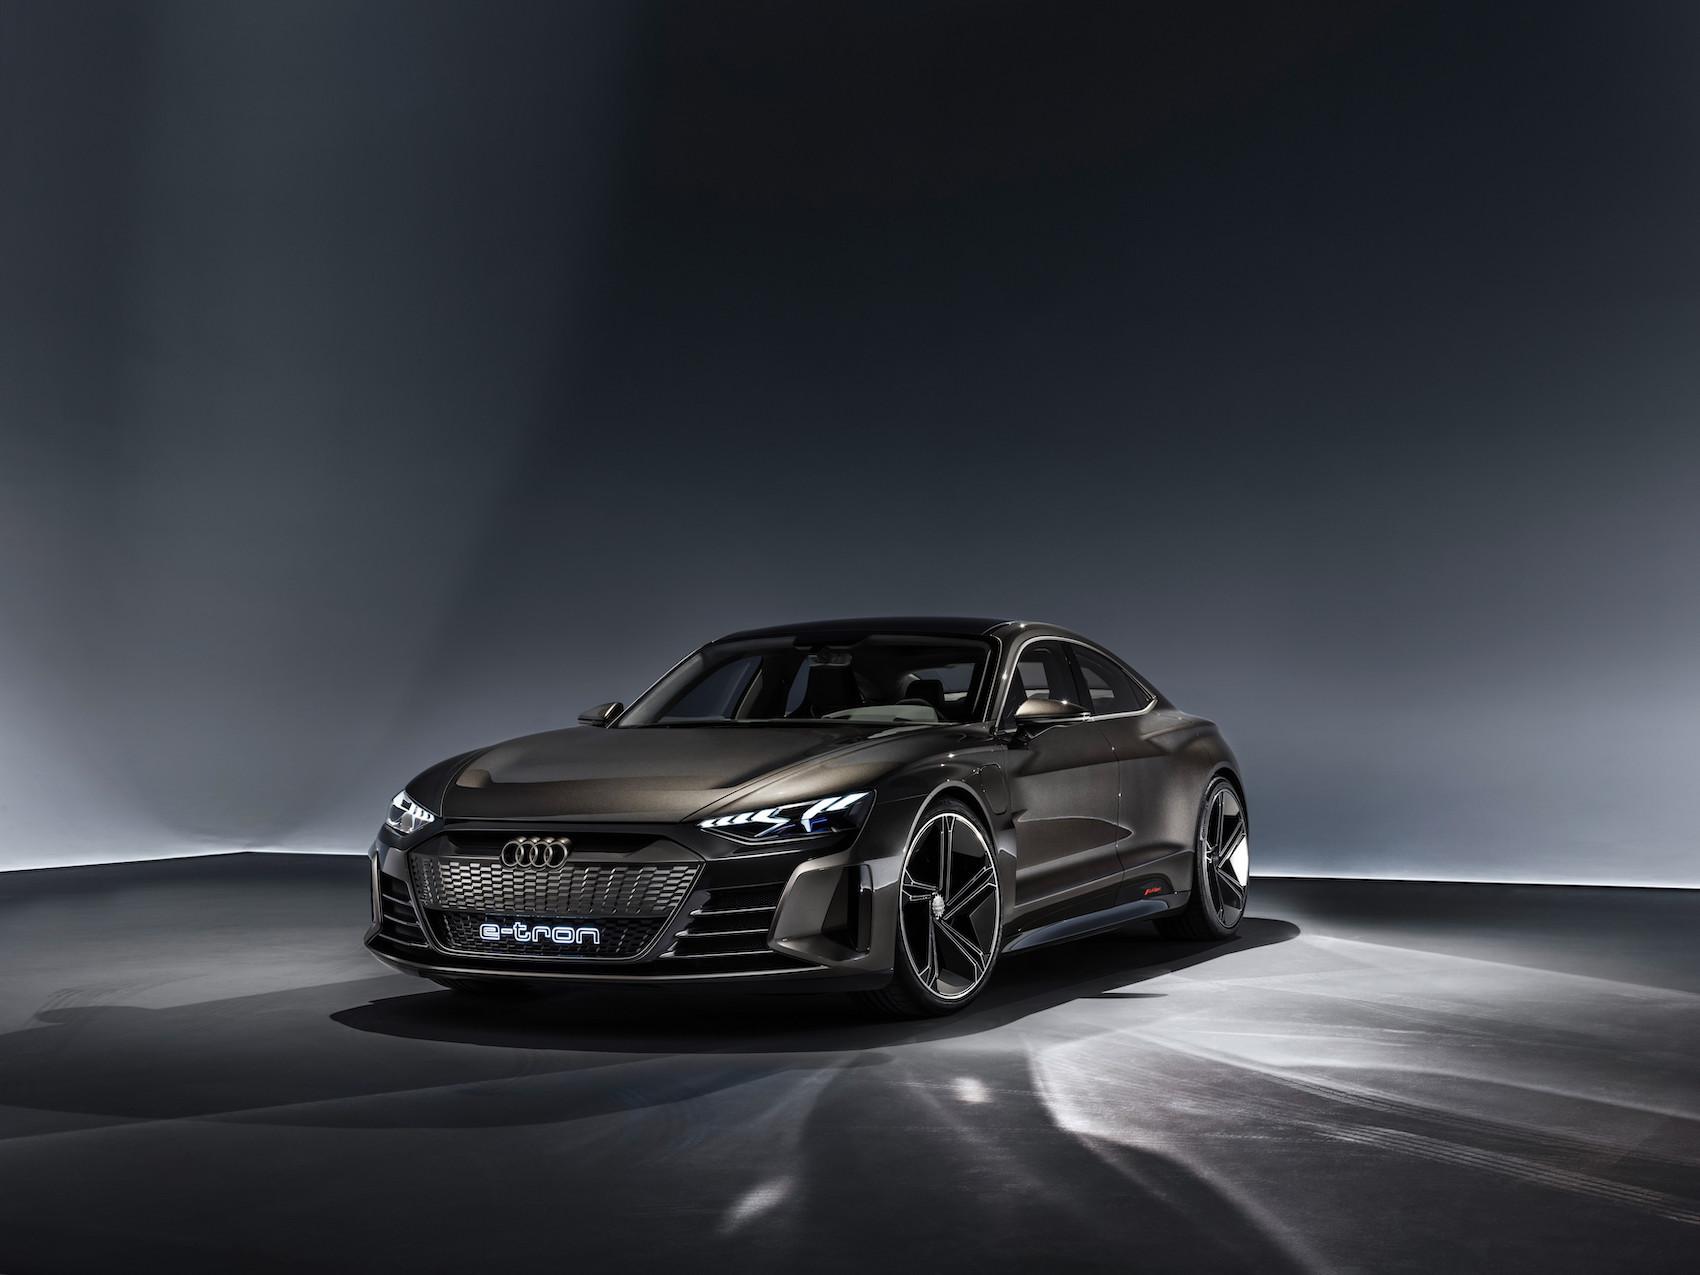 L'e-tron GT concept d'Audi n'a besoin que de 3,5 secondes pour passer de 0 à 100 km/h. (AUDI)